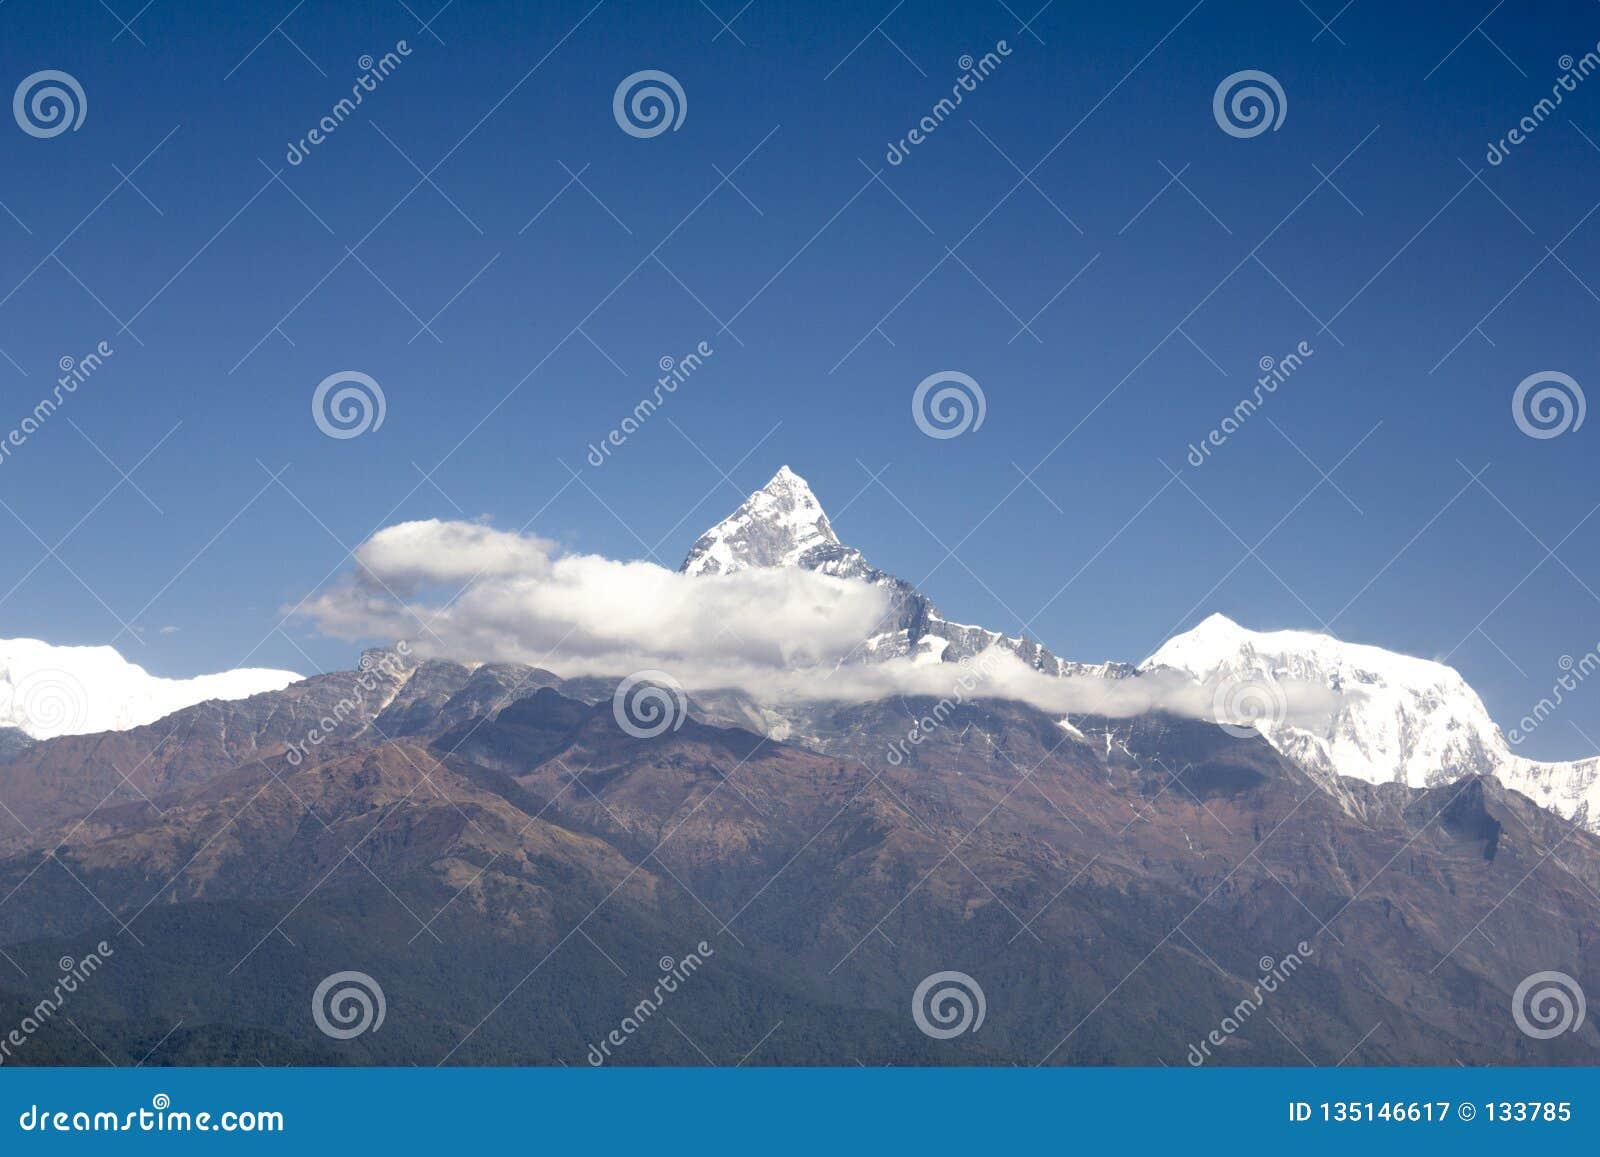 Зеленый наклон держателя Annapurna со снежным пиком Machapuchare и белых облаков против чистого голубого неба Гималаи Непала